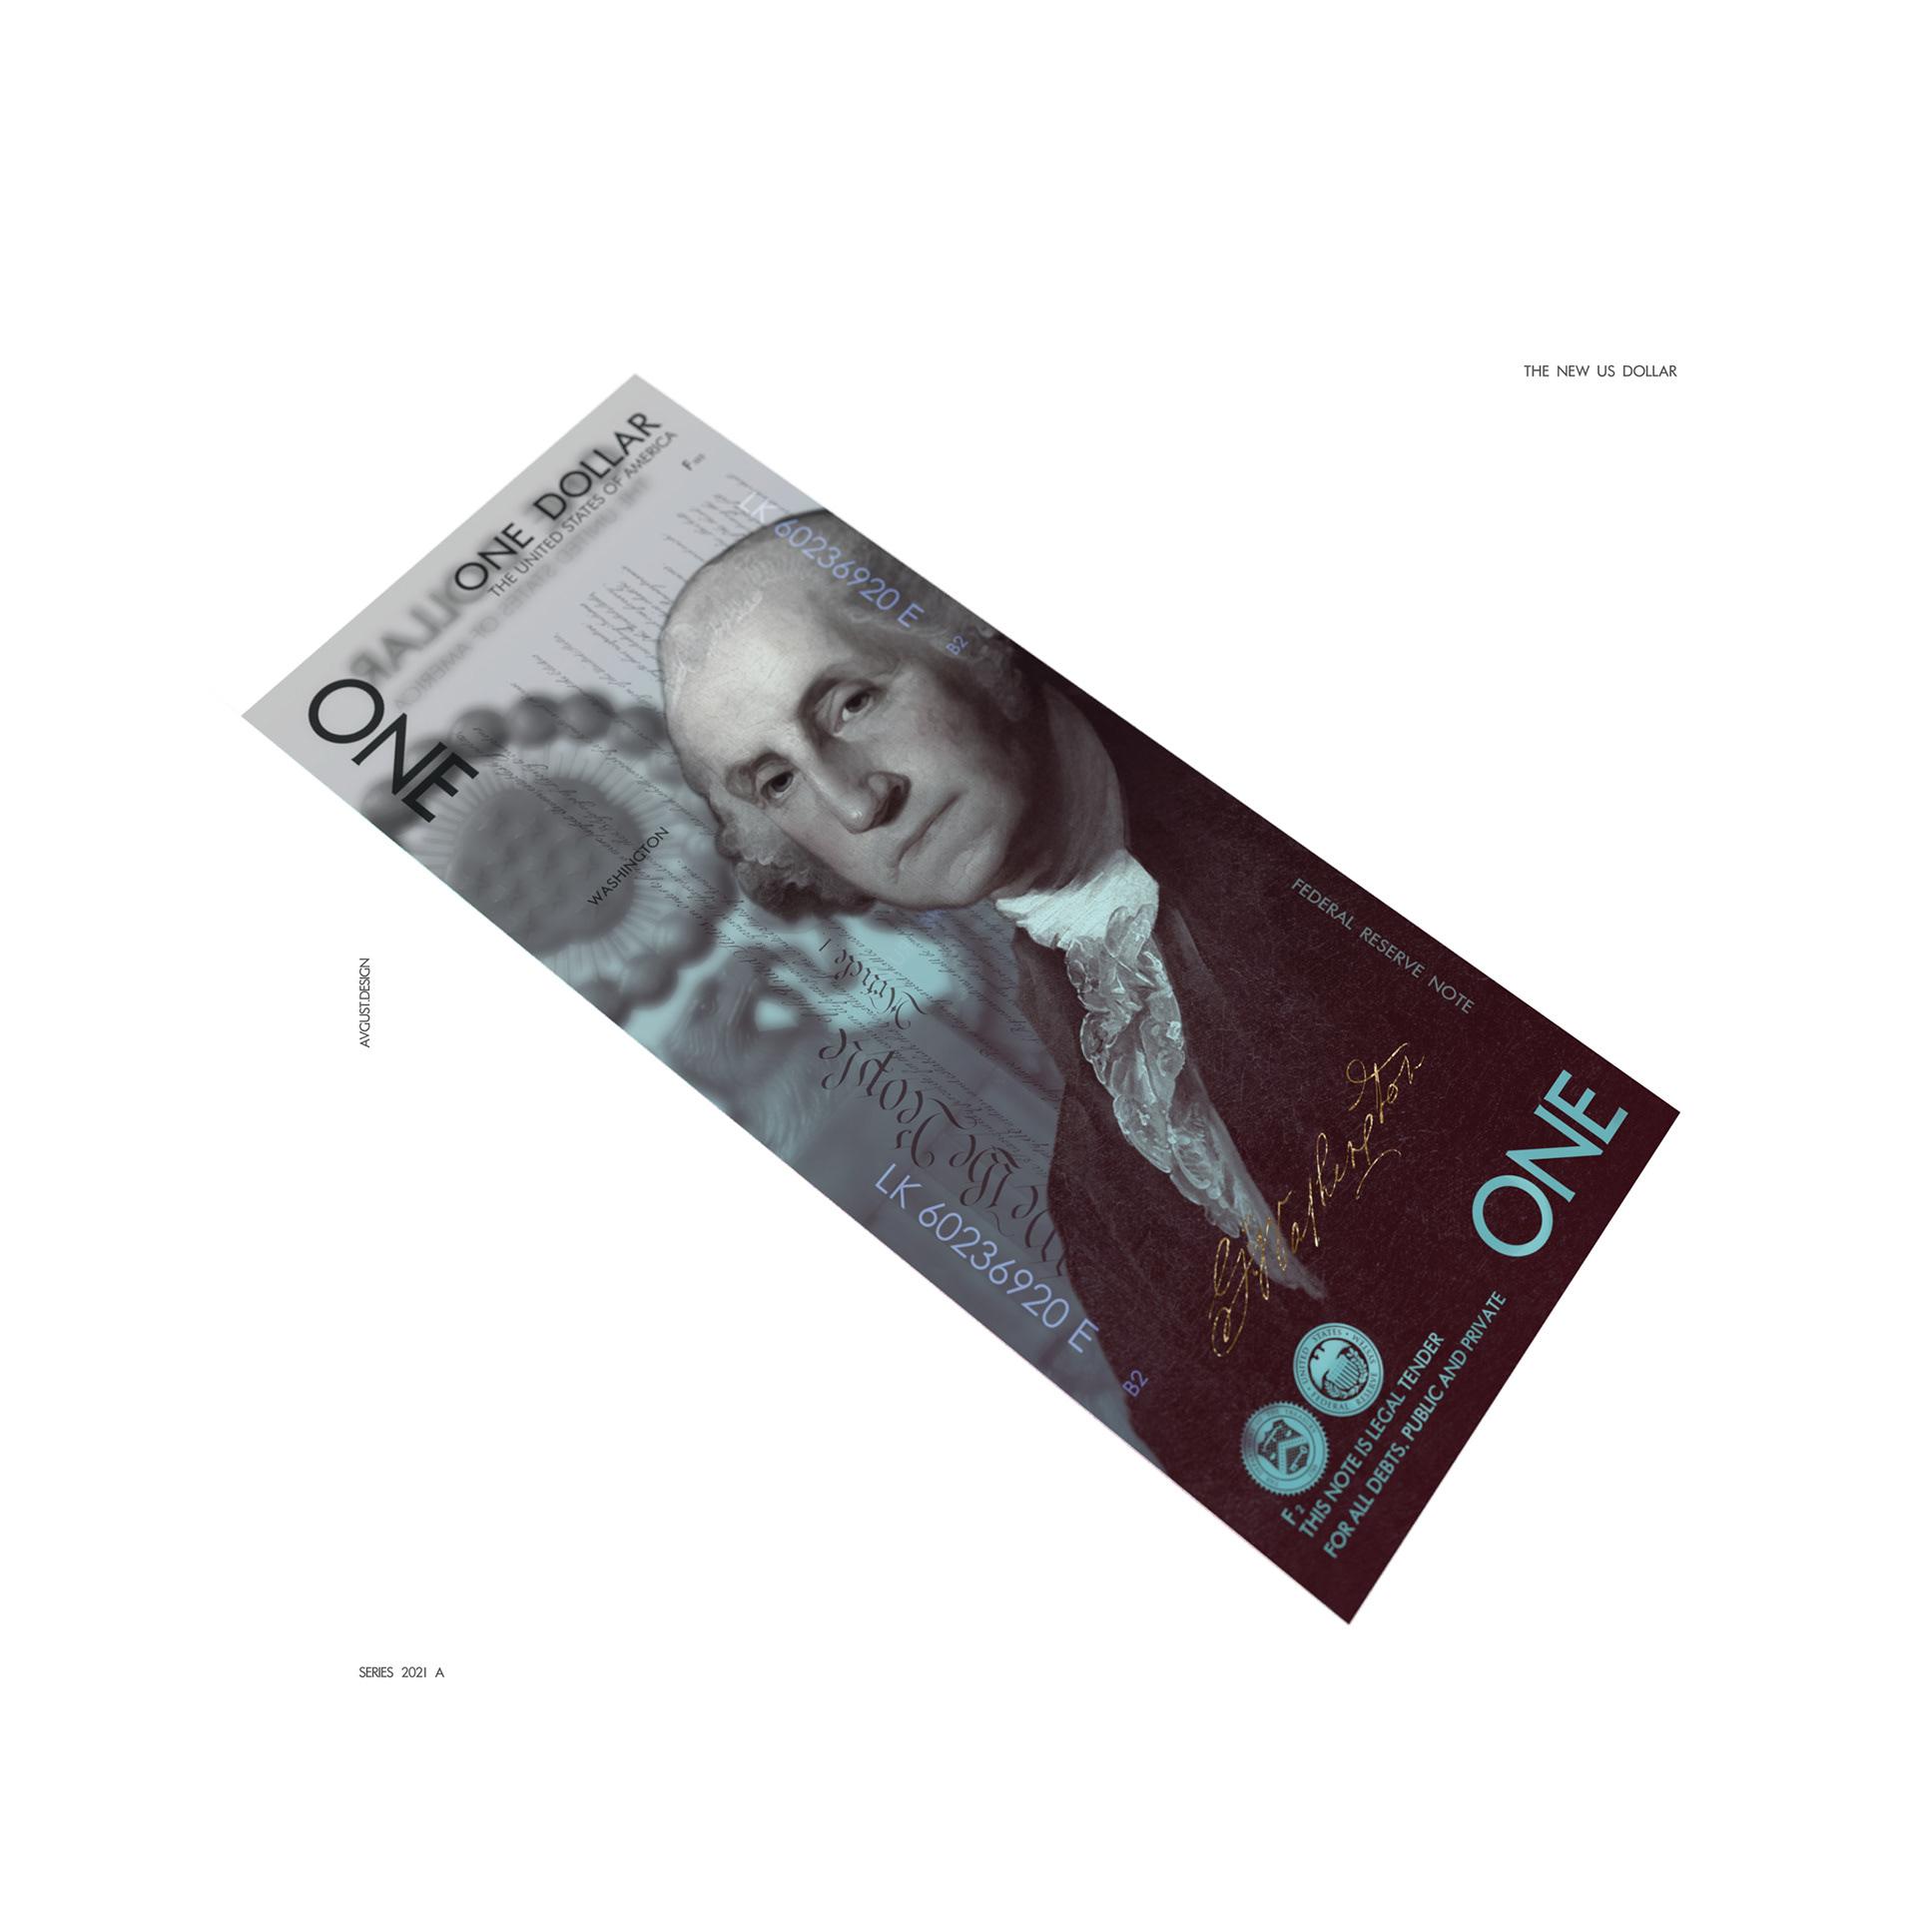 Белорус предложил новый дизайн американских долларов 2